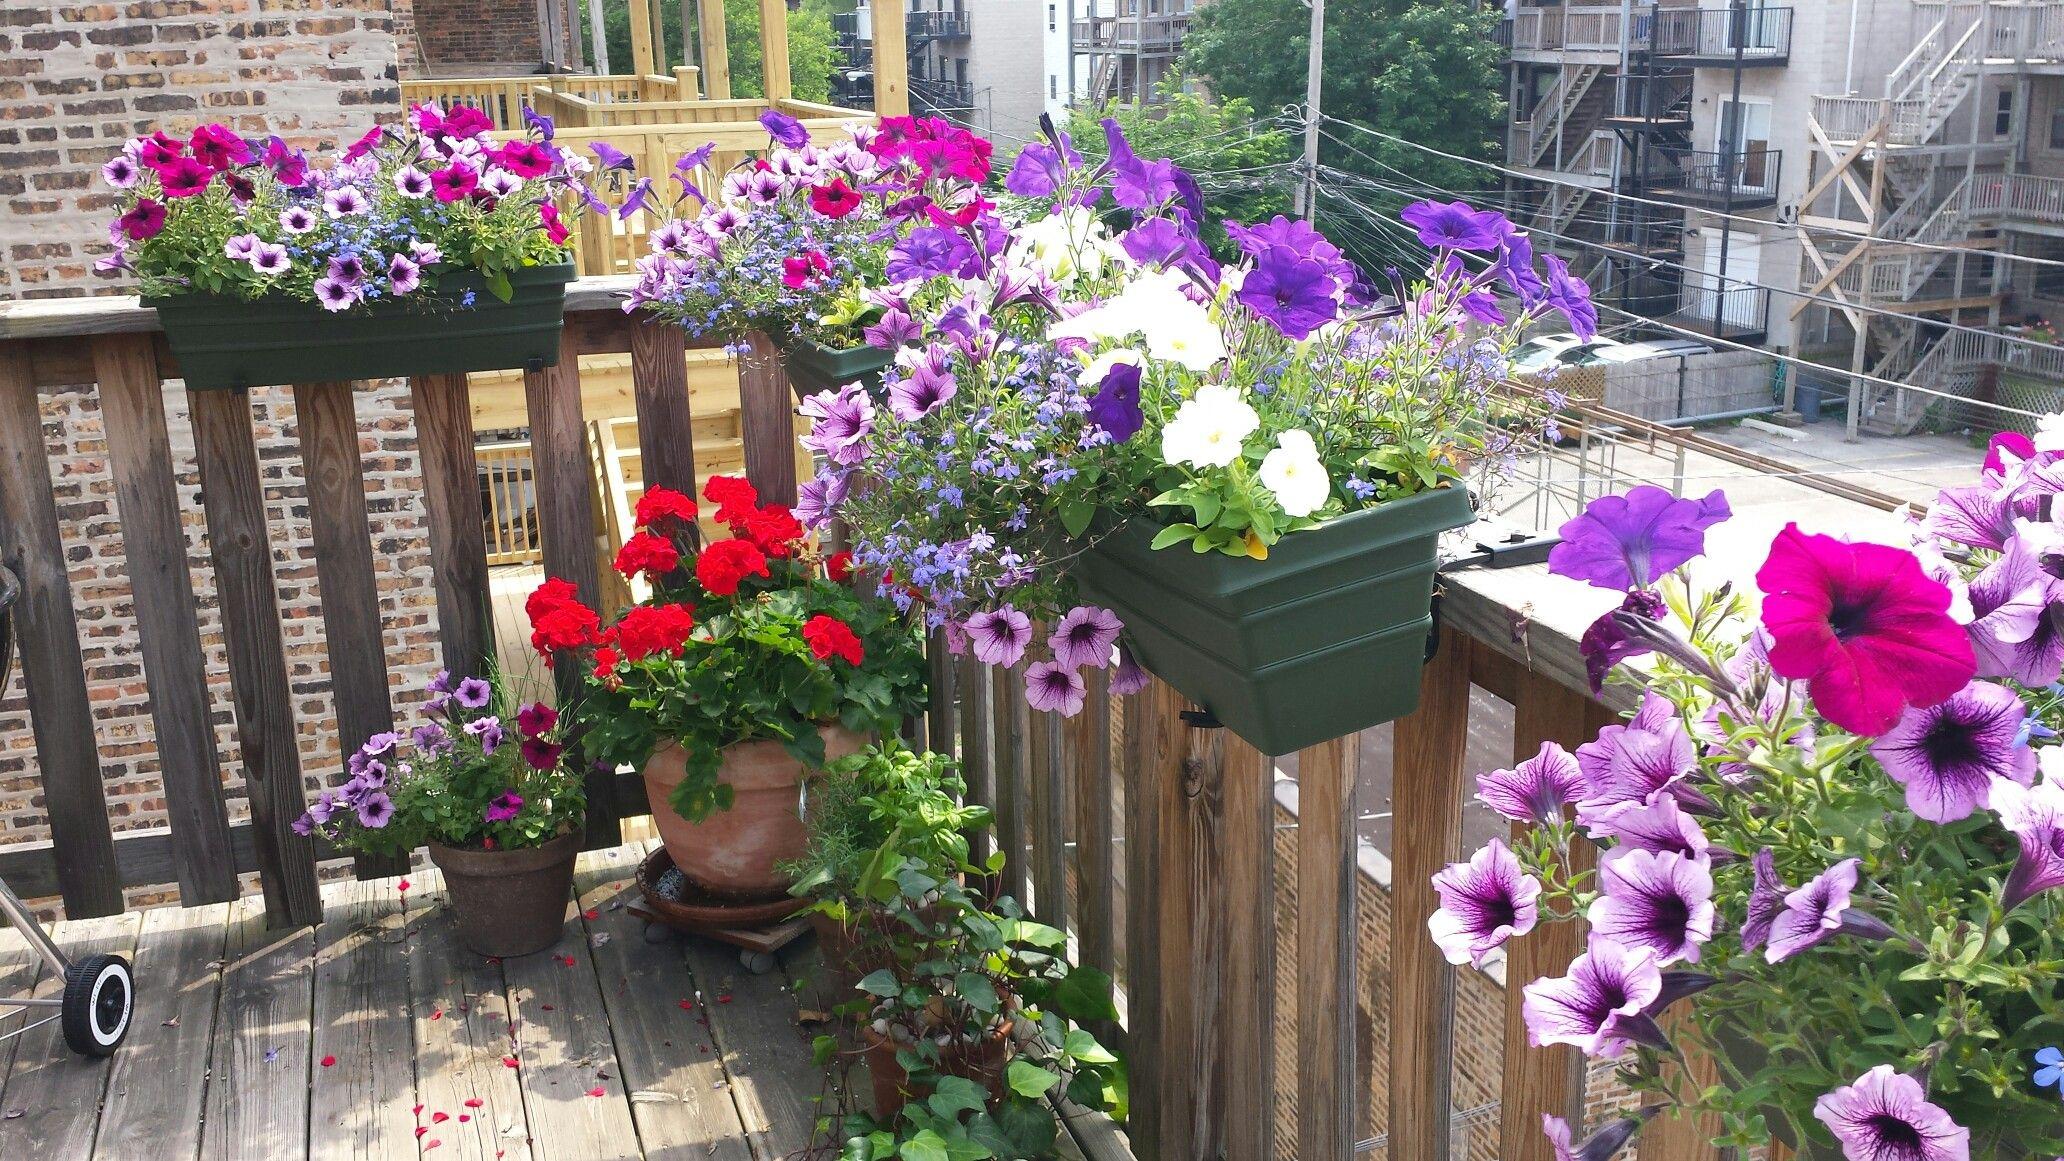 Pinterest Saved My Petunias! Petunias, Garden containers